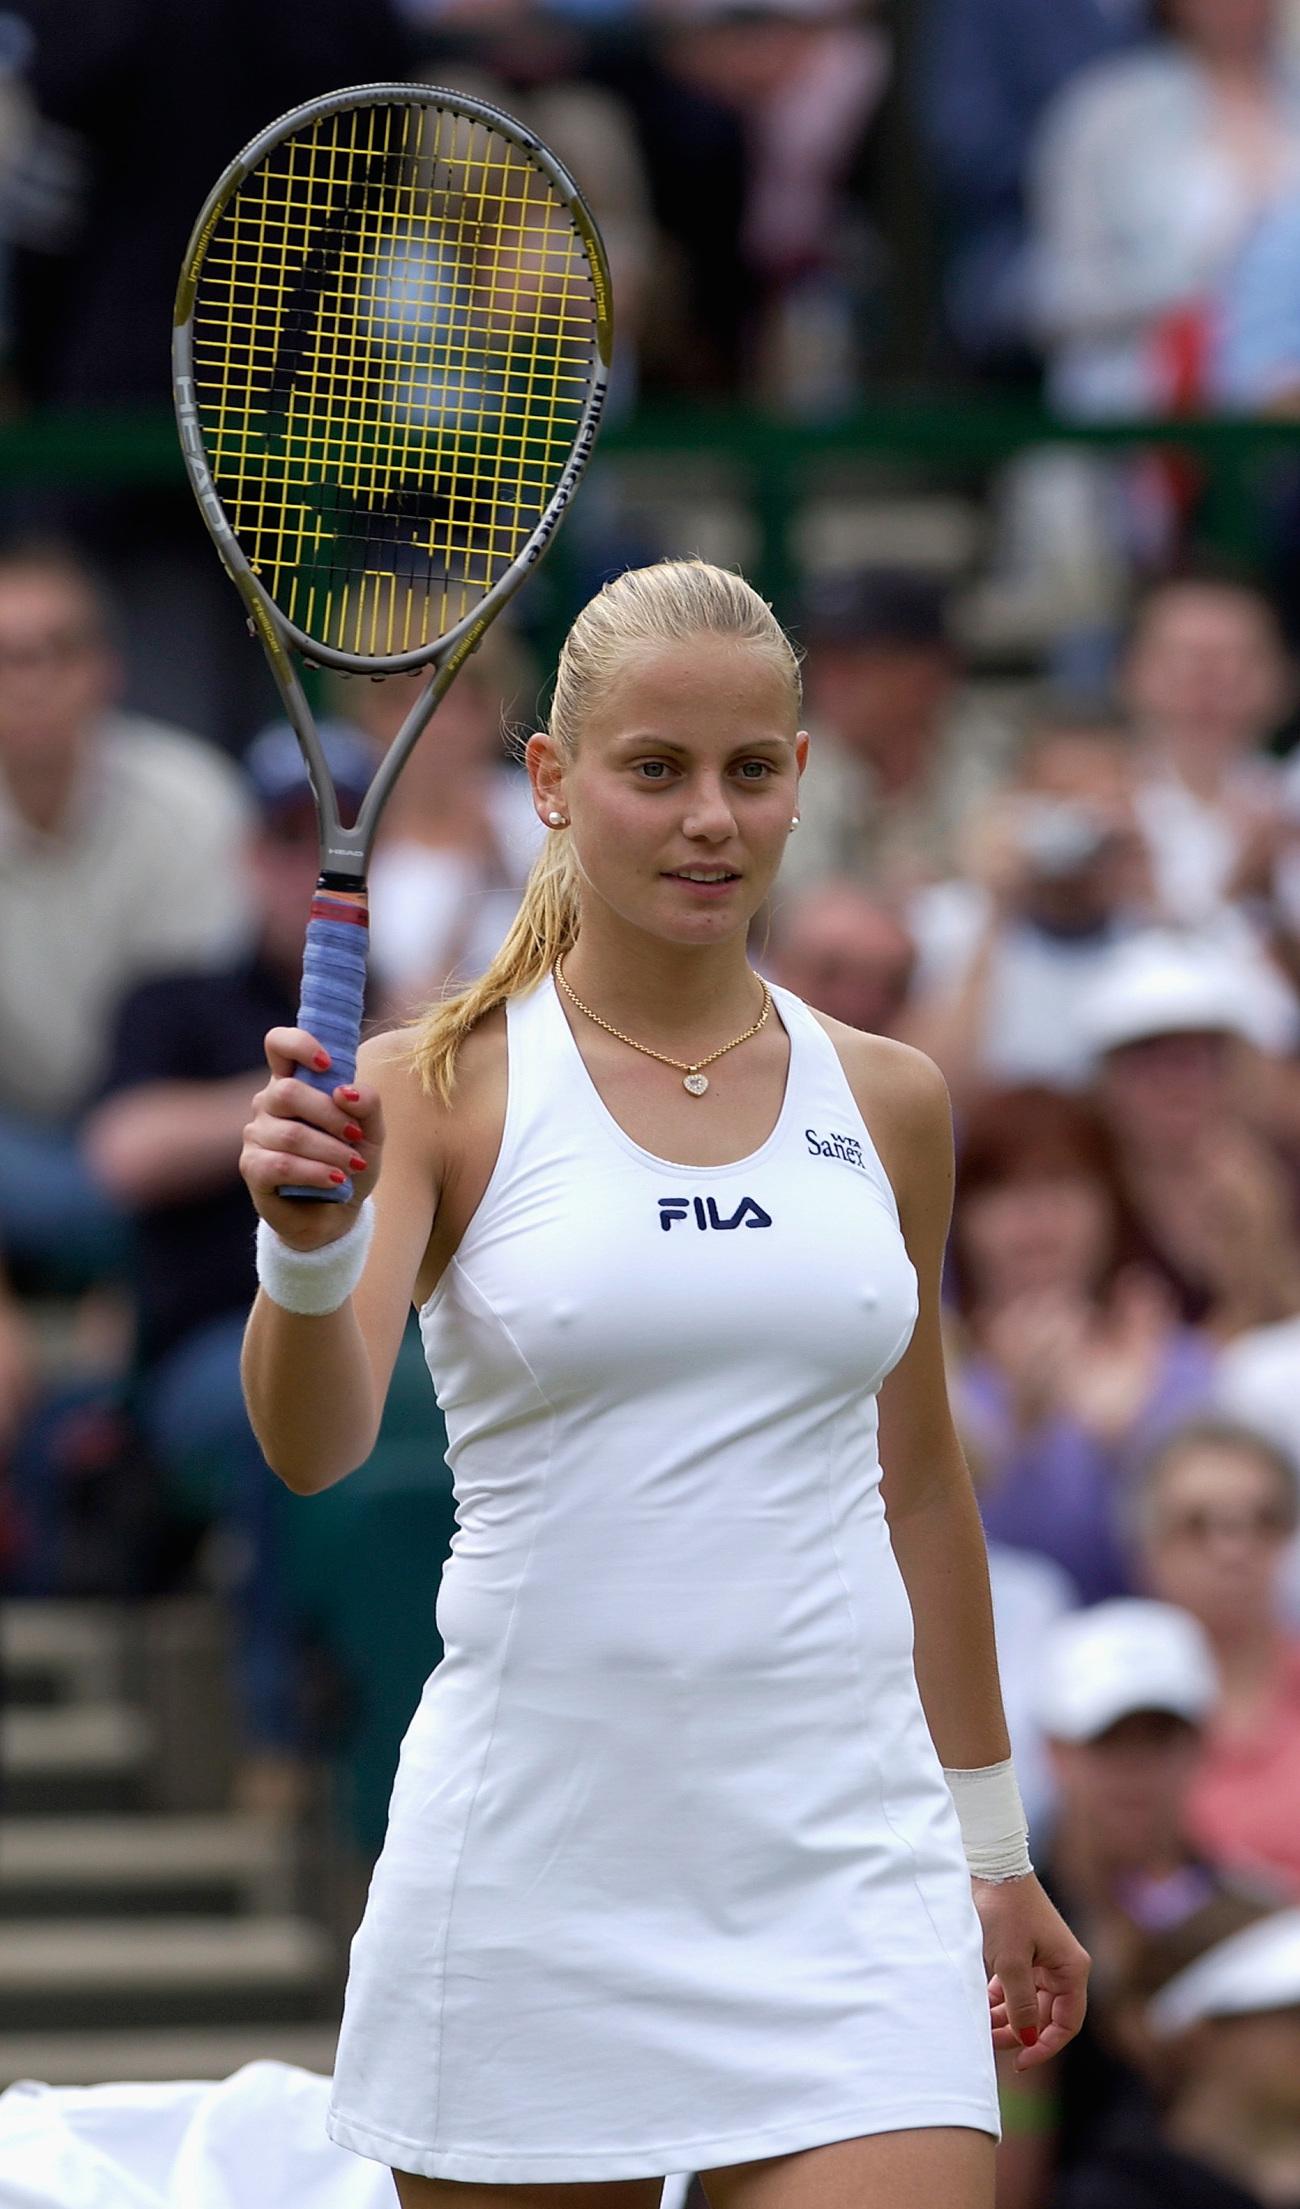 Jelena Dokic volt teniszező 2002-ben, amikor a világ negyedik helyére került